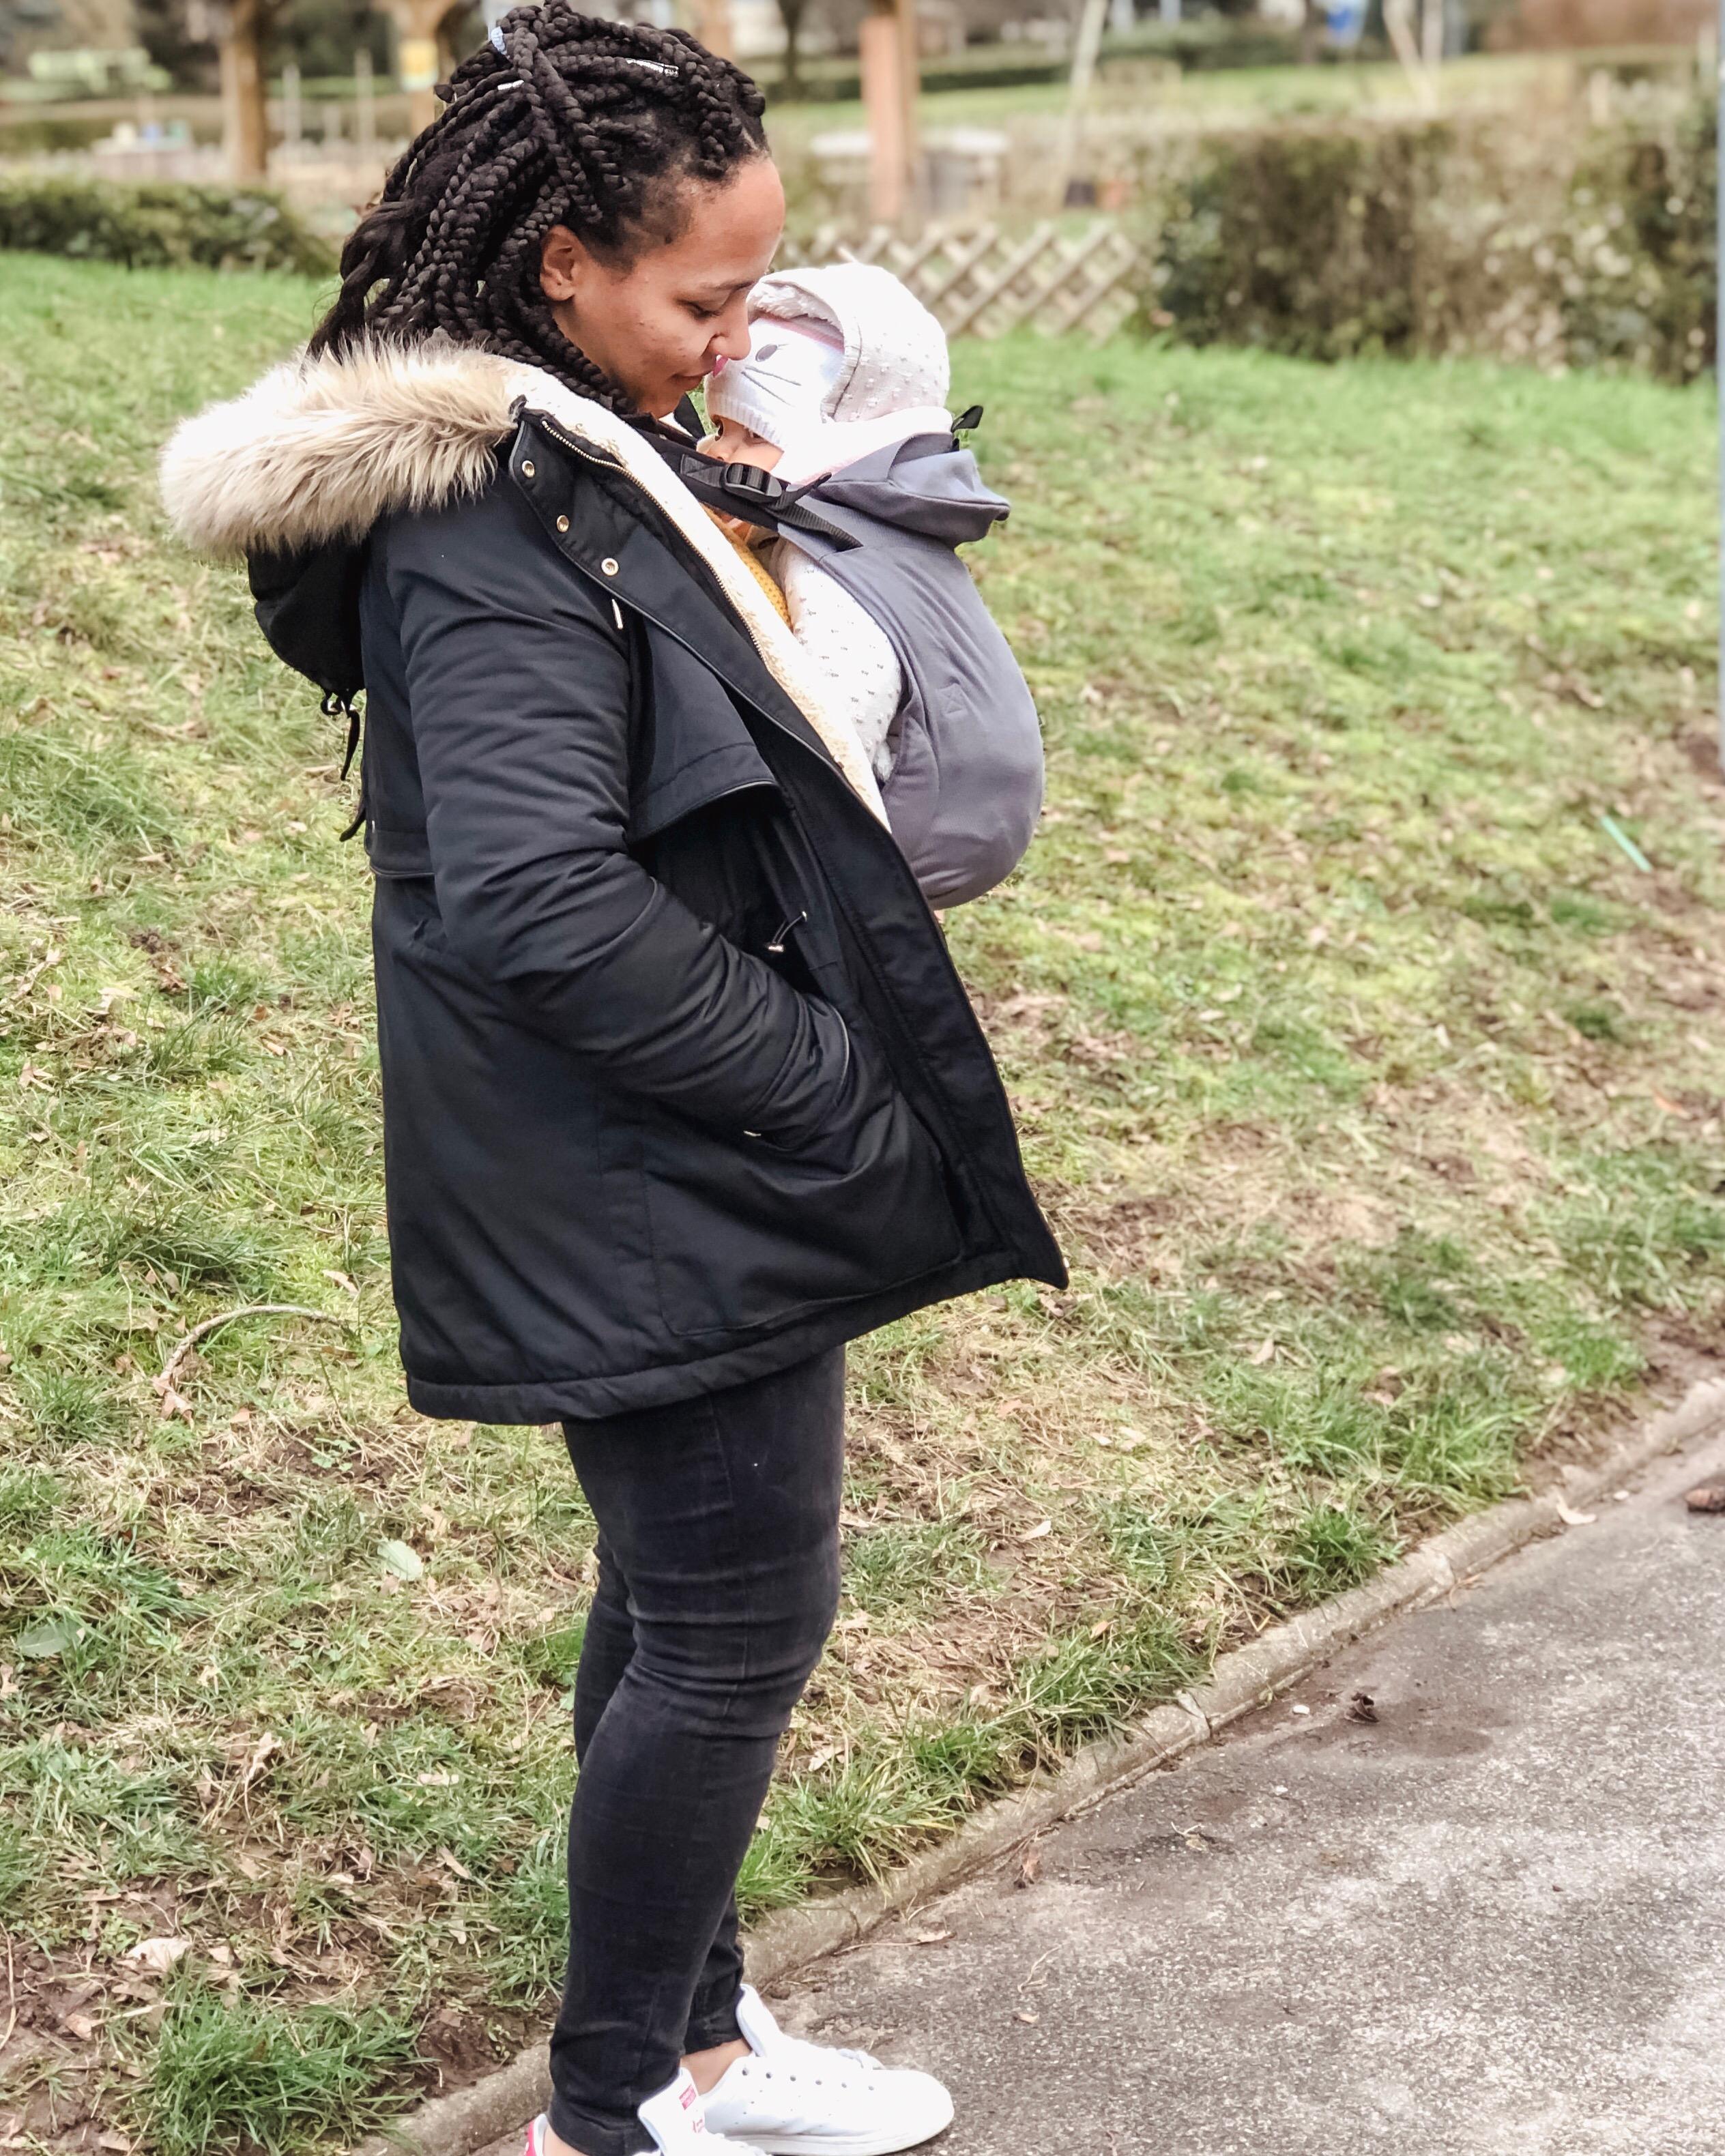 Portage de bébé avec le porte bébé physiologique Néo de la marque Néobulle